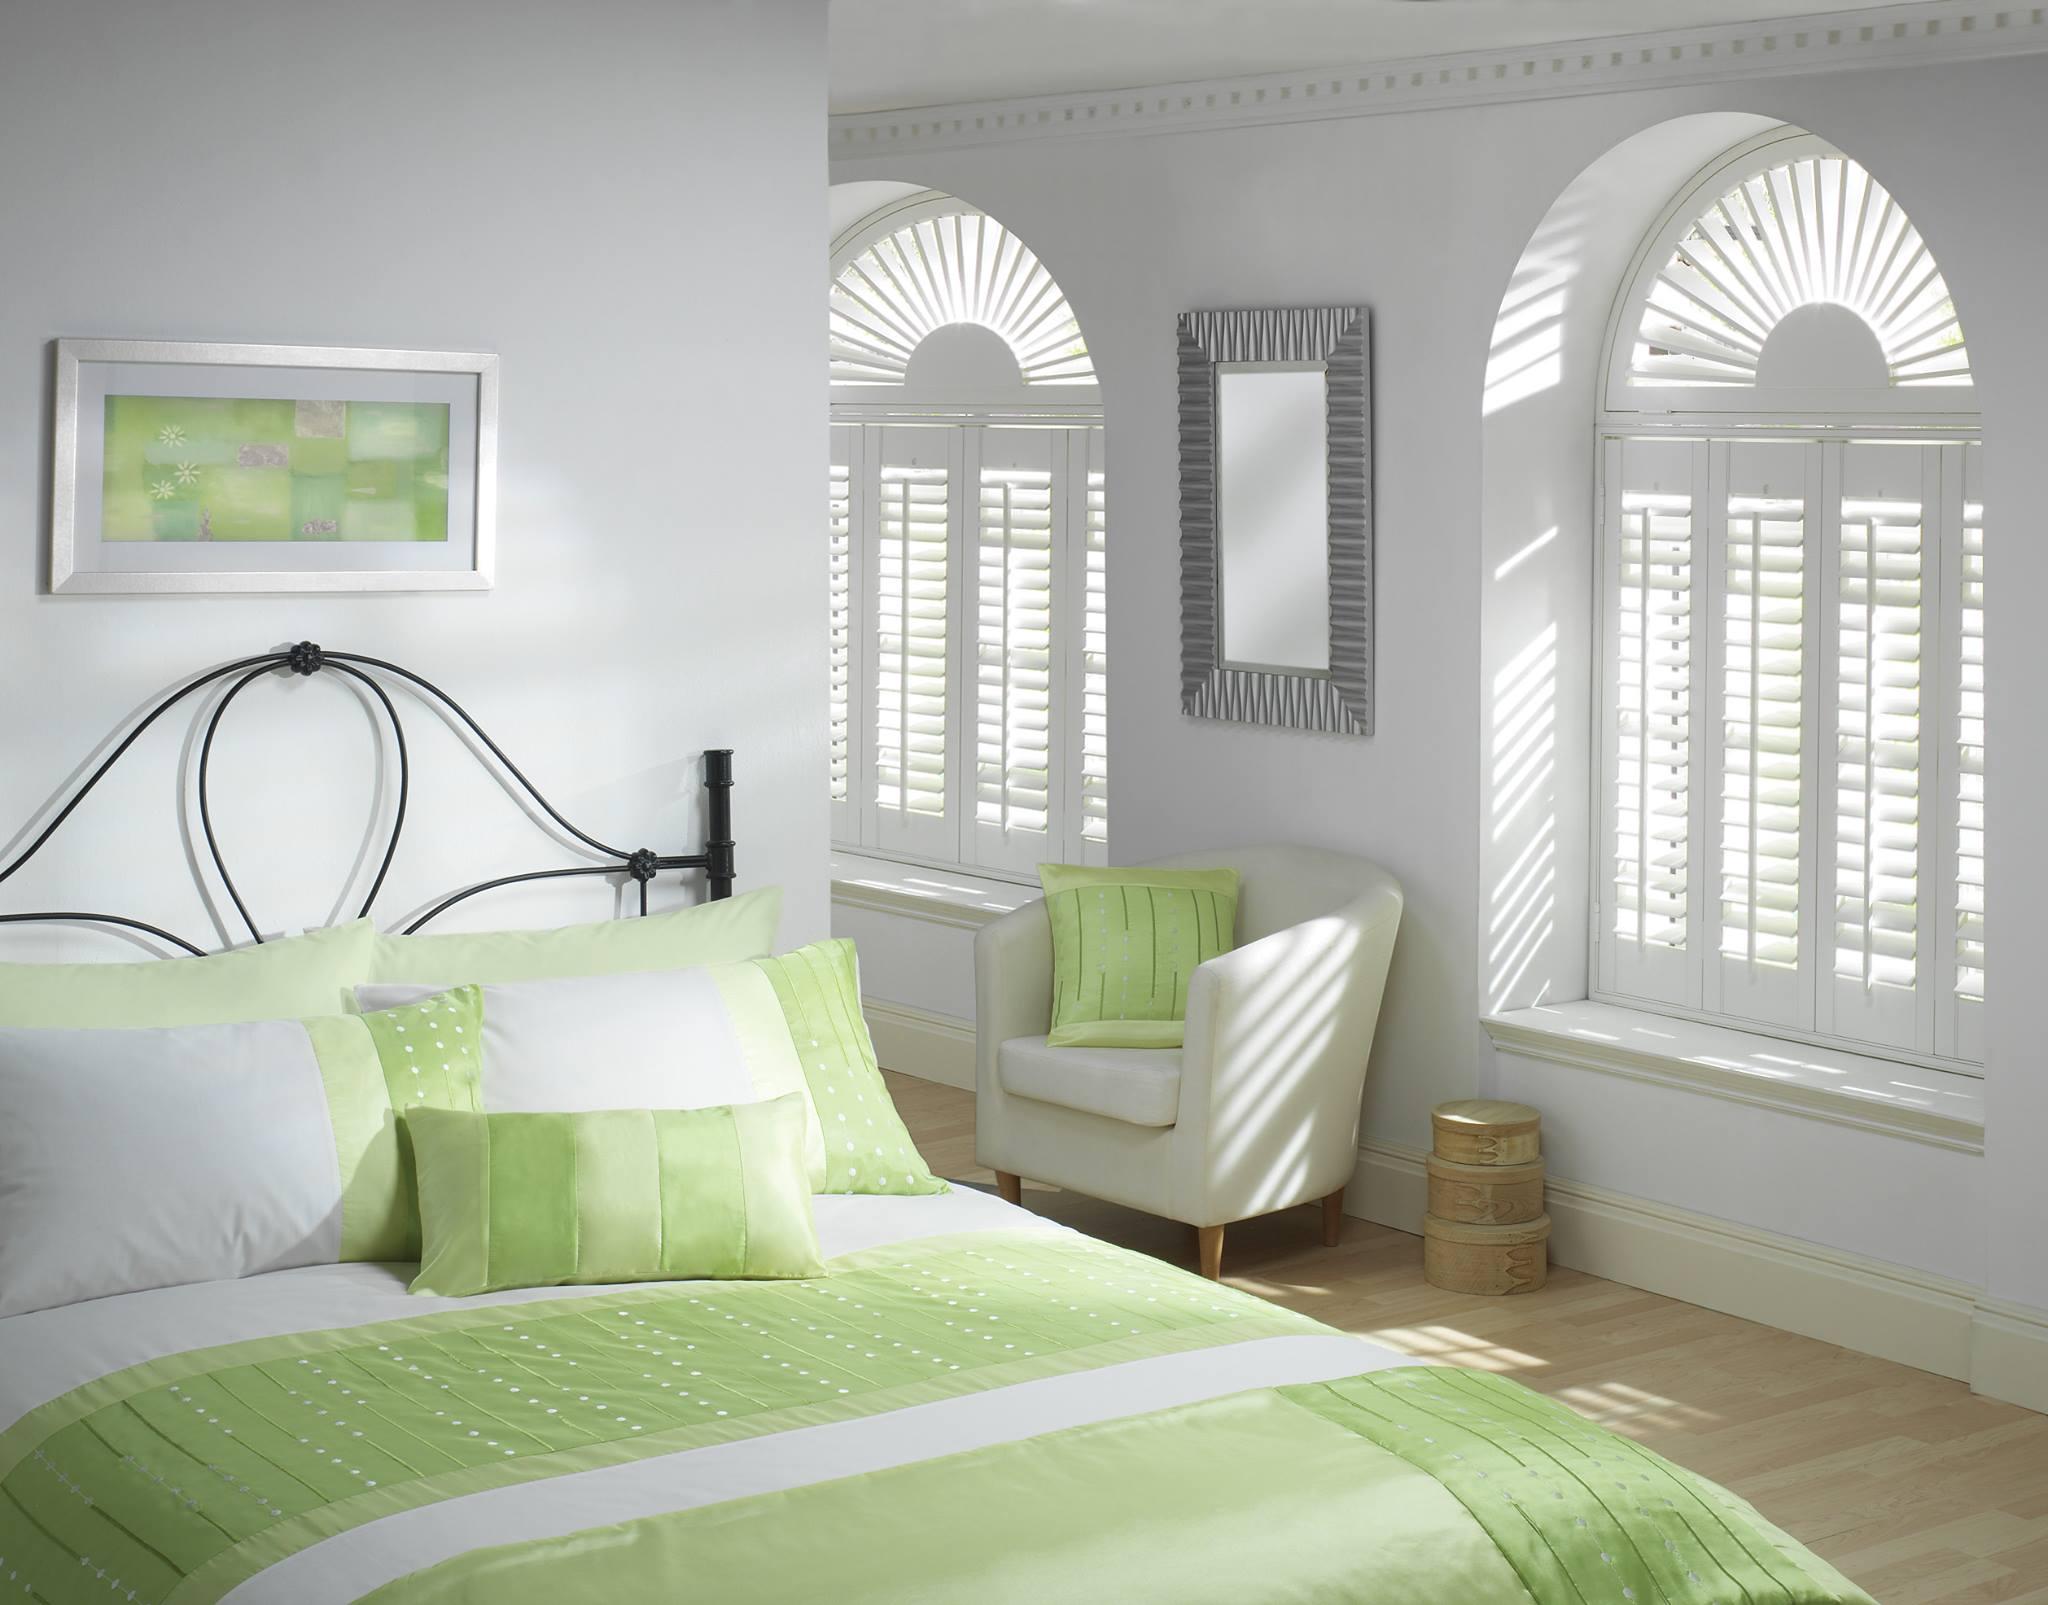 White shutters on a bedroom window